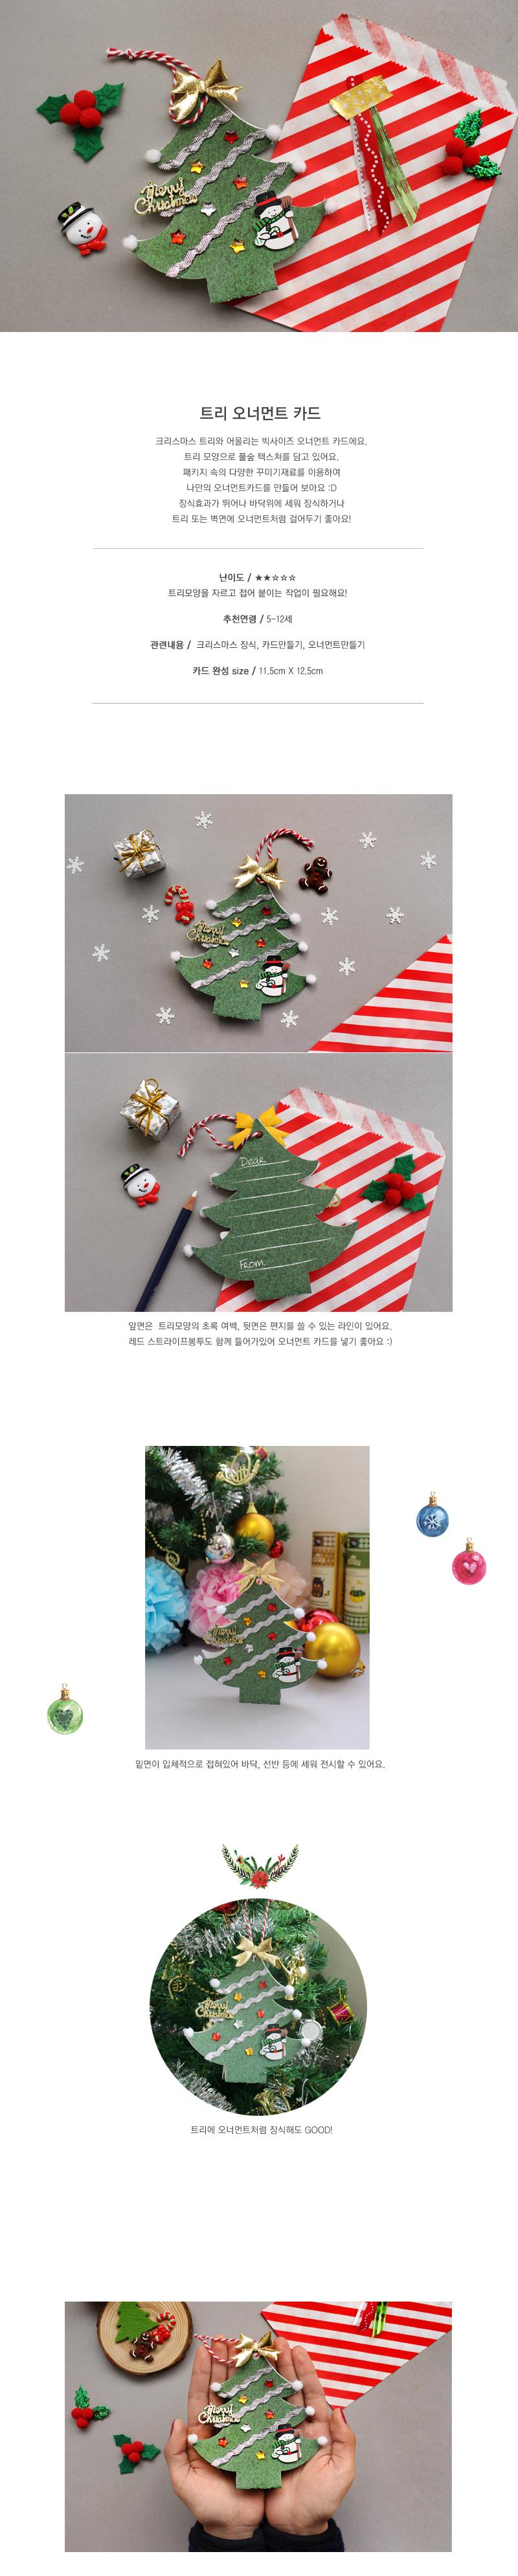 트리오너먼트카드5set - 도토리클래스, 10,000원, 카드, 크리스마스 카드